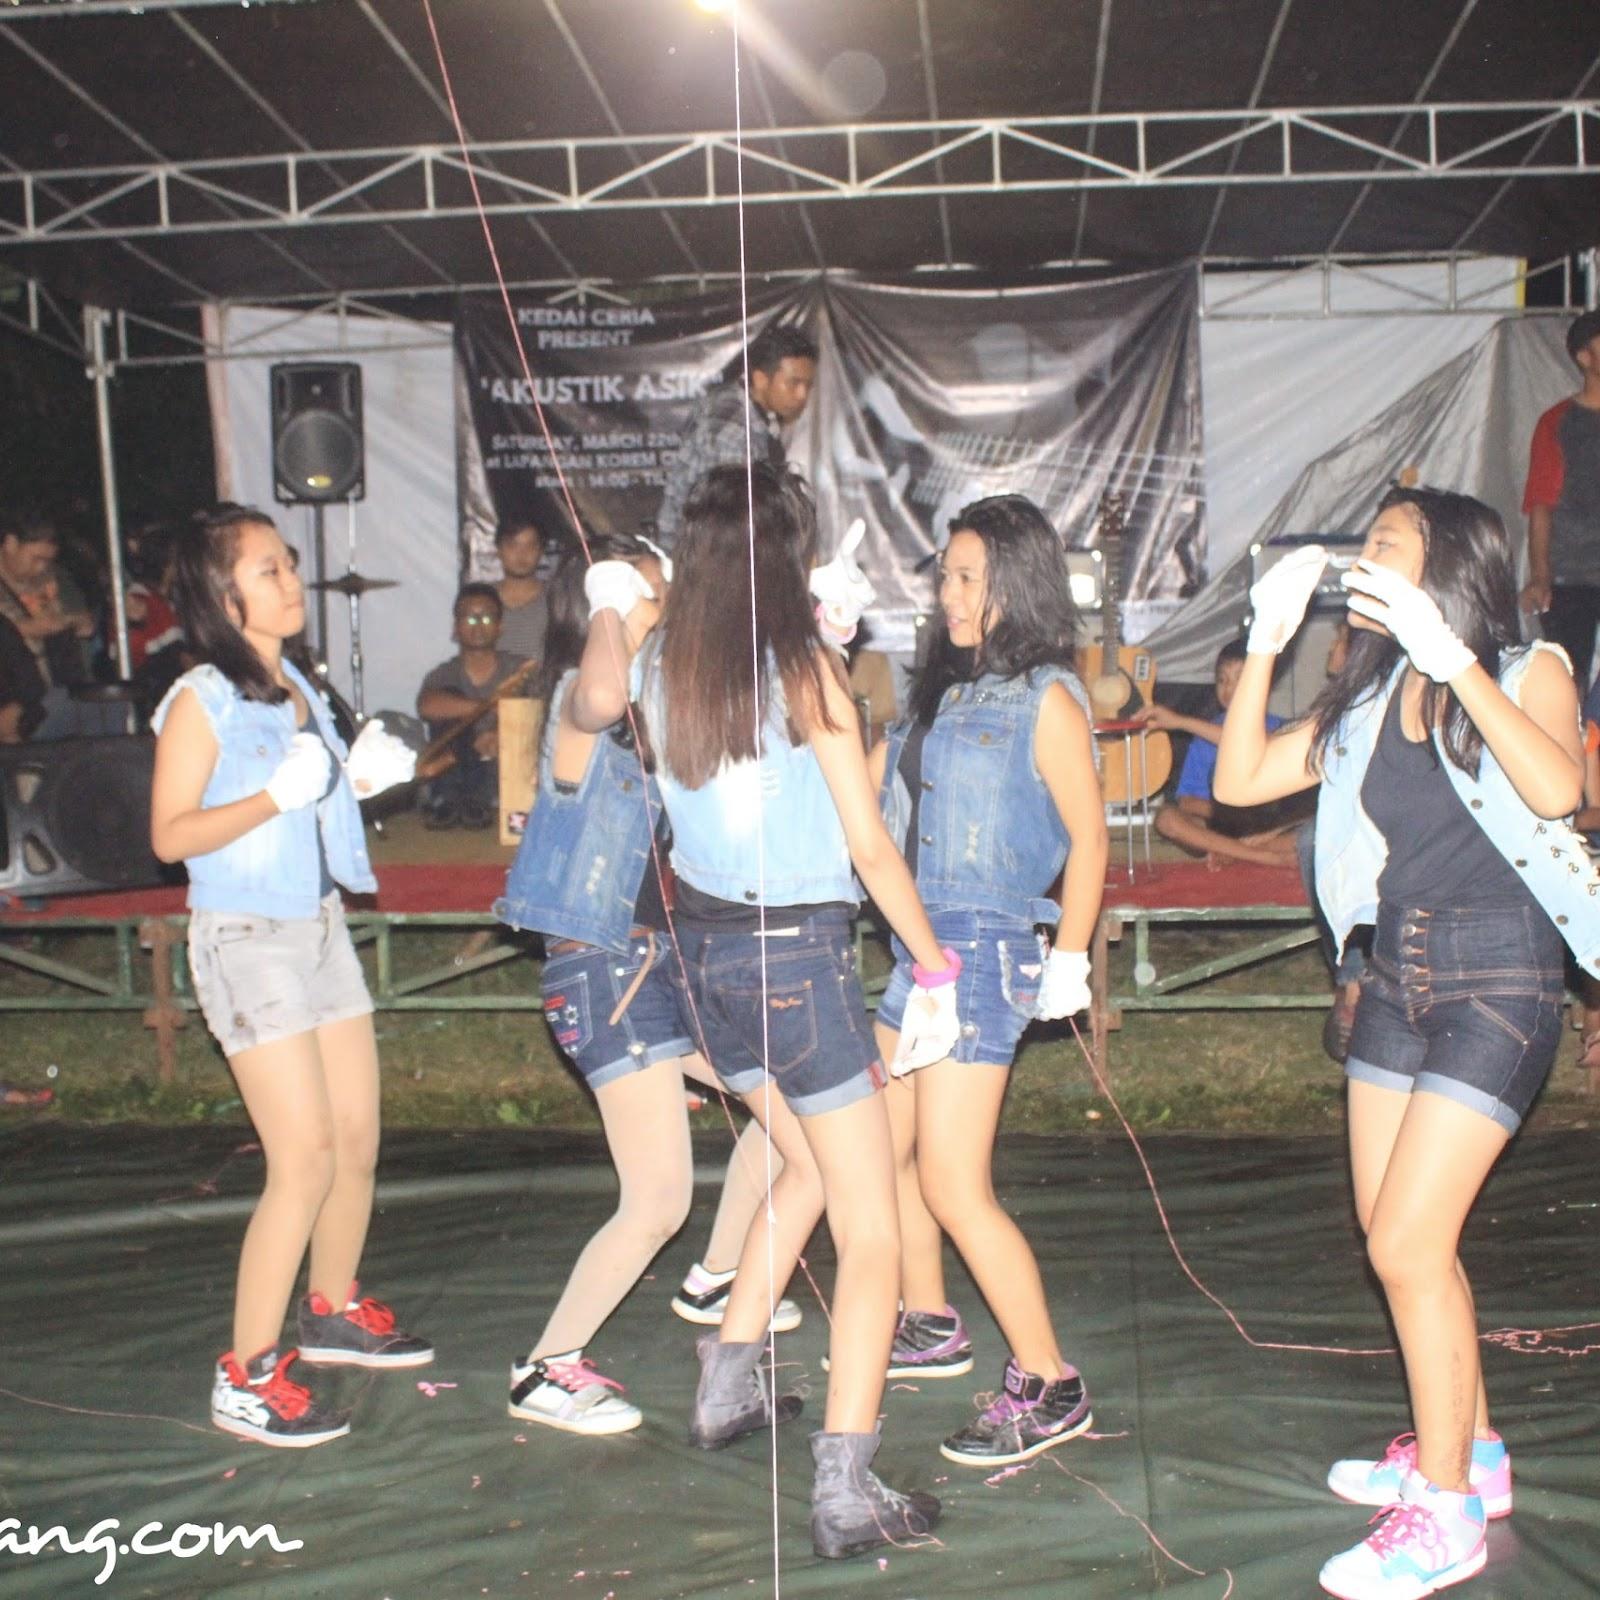 The Five Dance In Action at Kedai Ceria Kota Serang